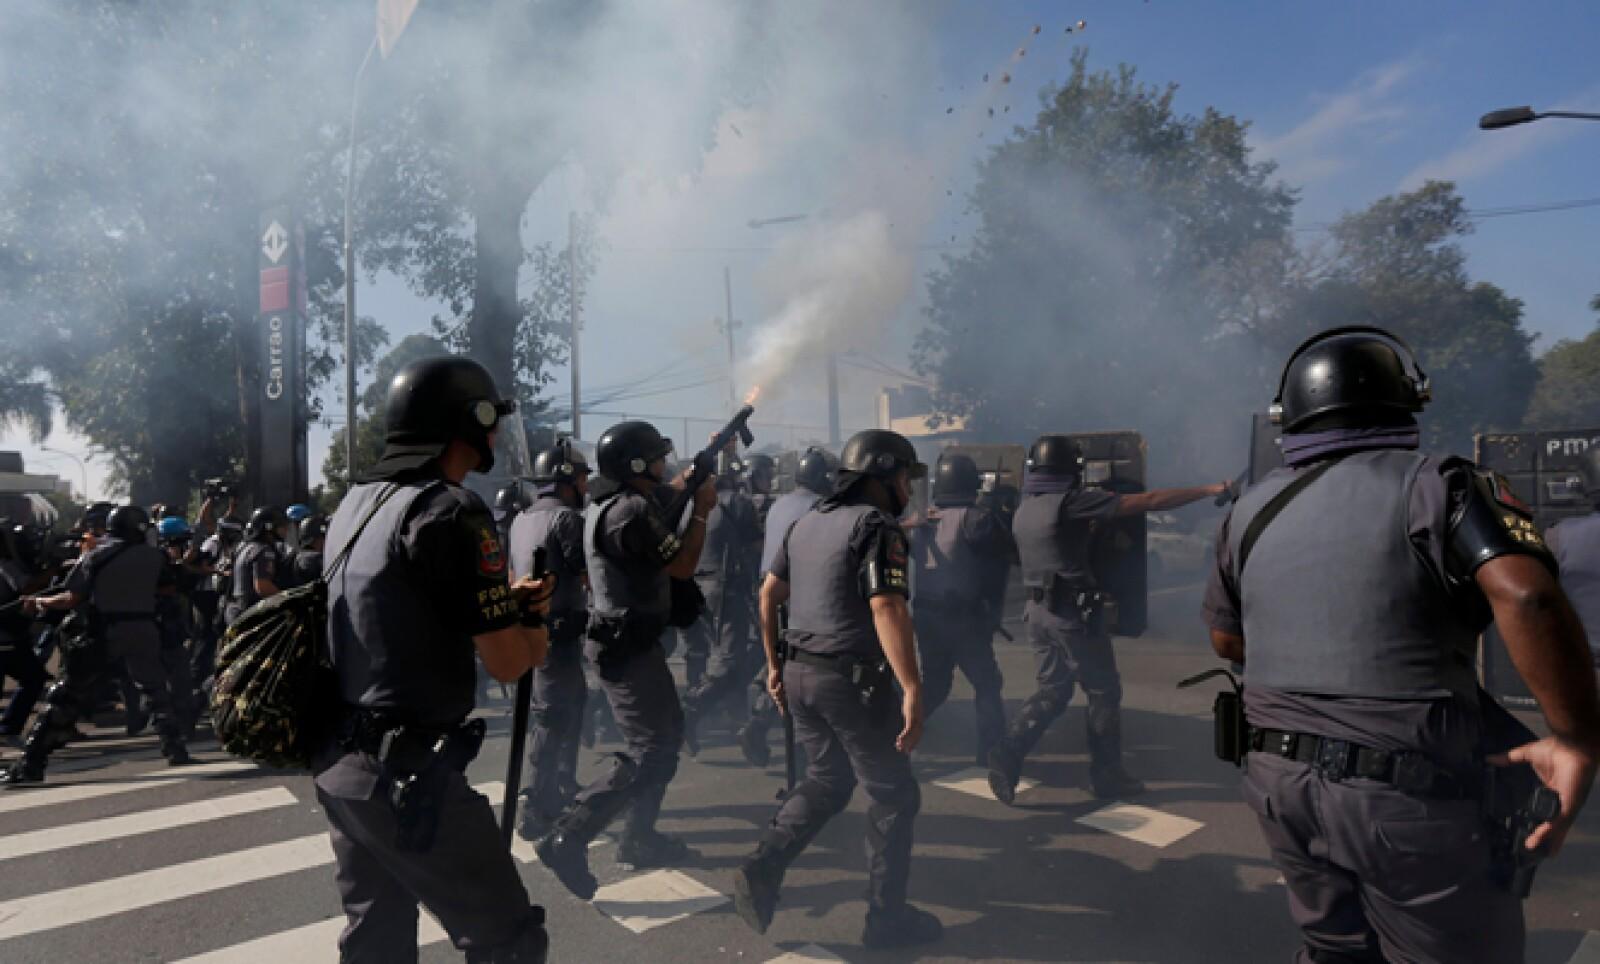 La policía brasileña usó gas lacrimógeno para dispersar al grupo.